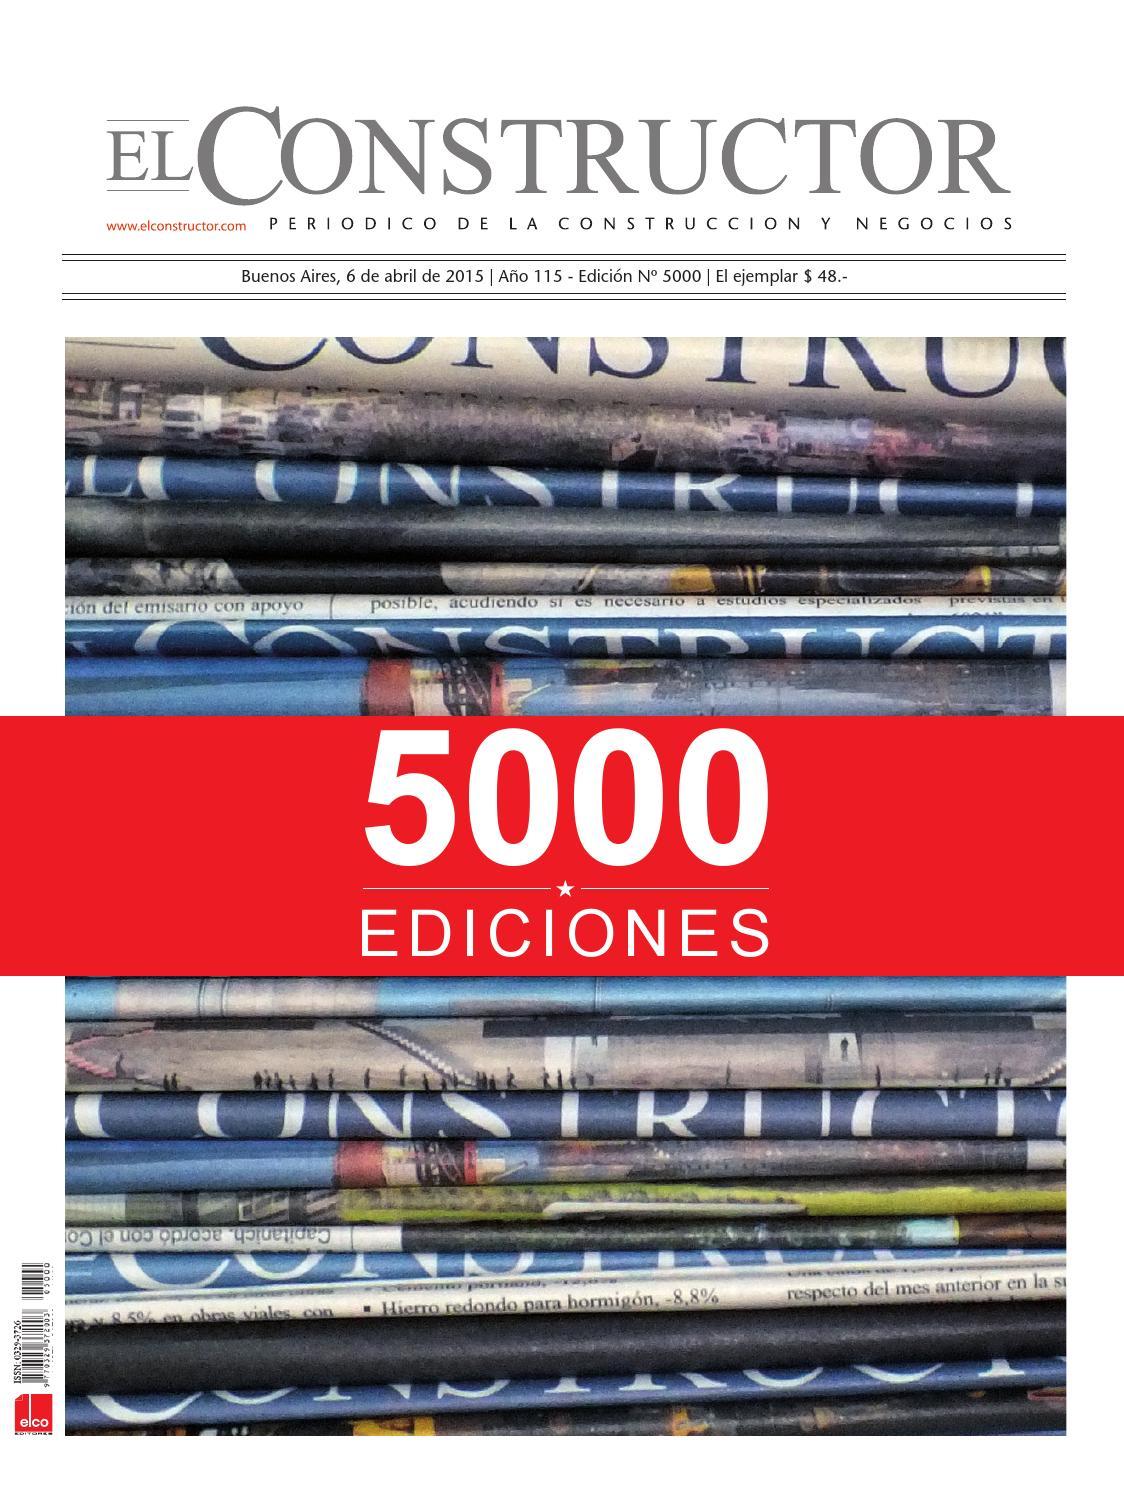 El Constructor Edición Especial N° 5000 - 06/04/2015 - N° 5000 - Año ...